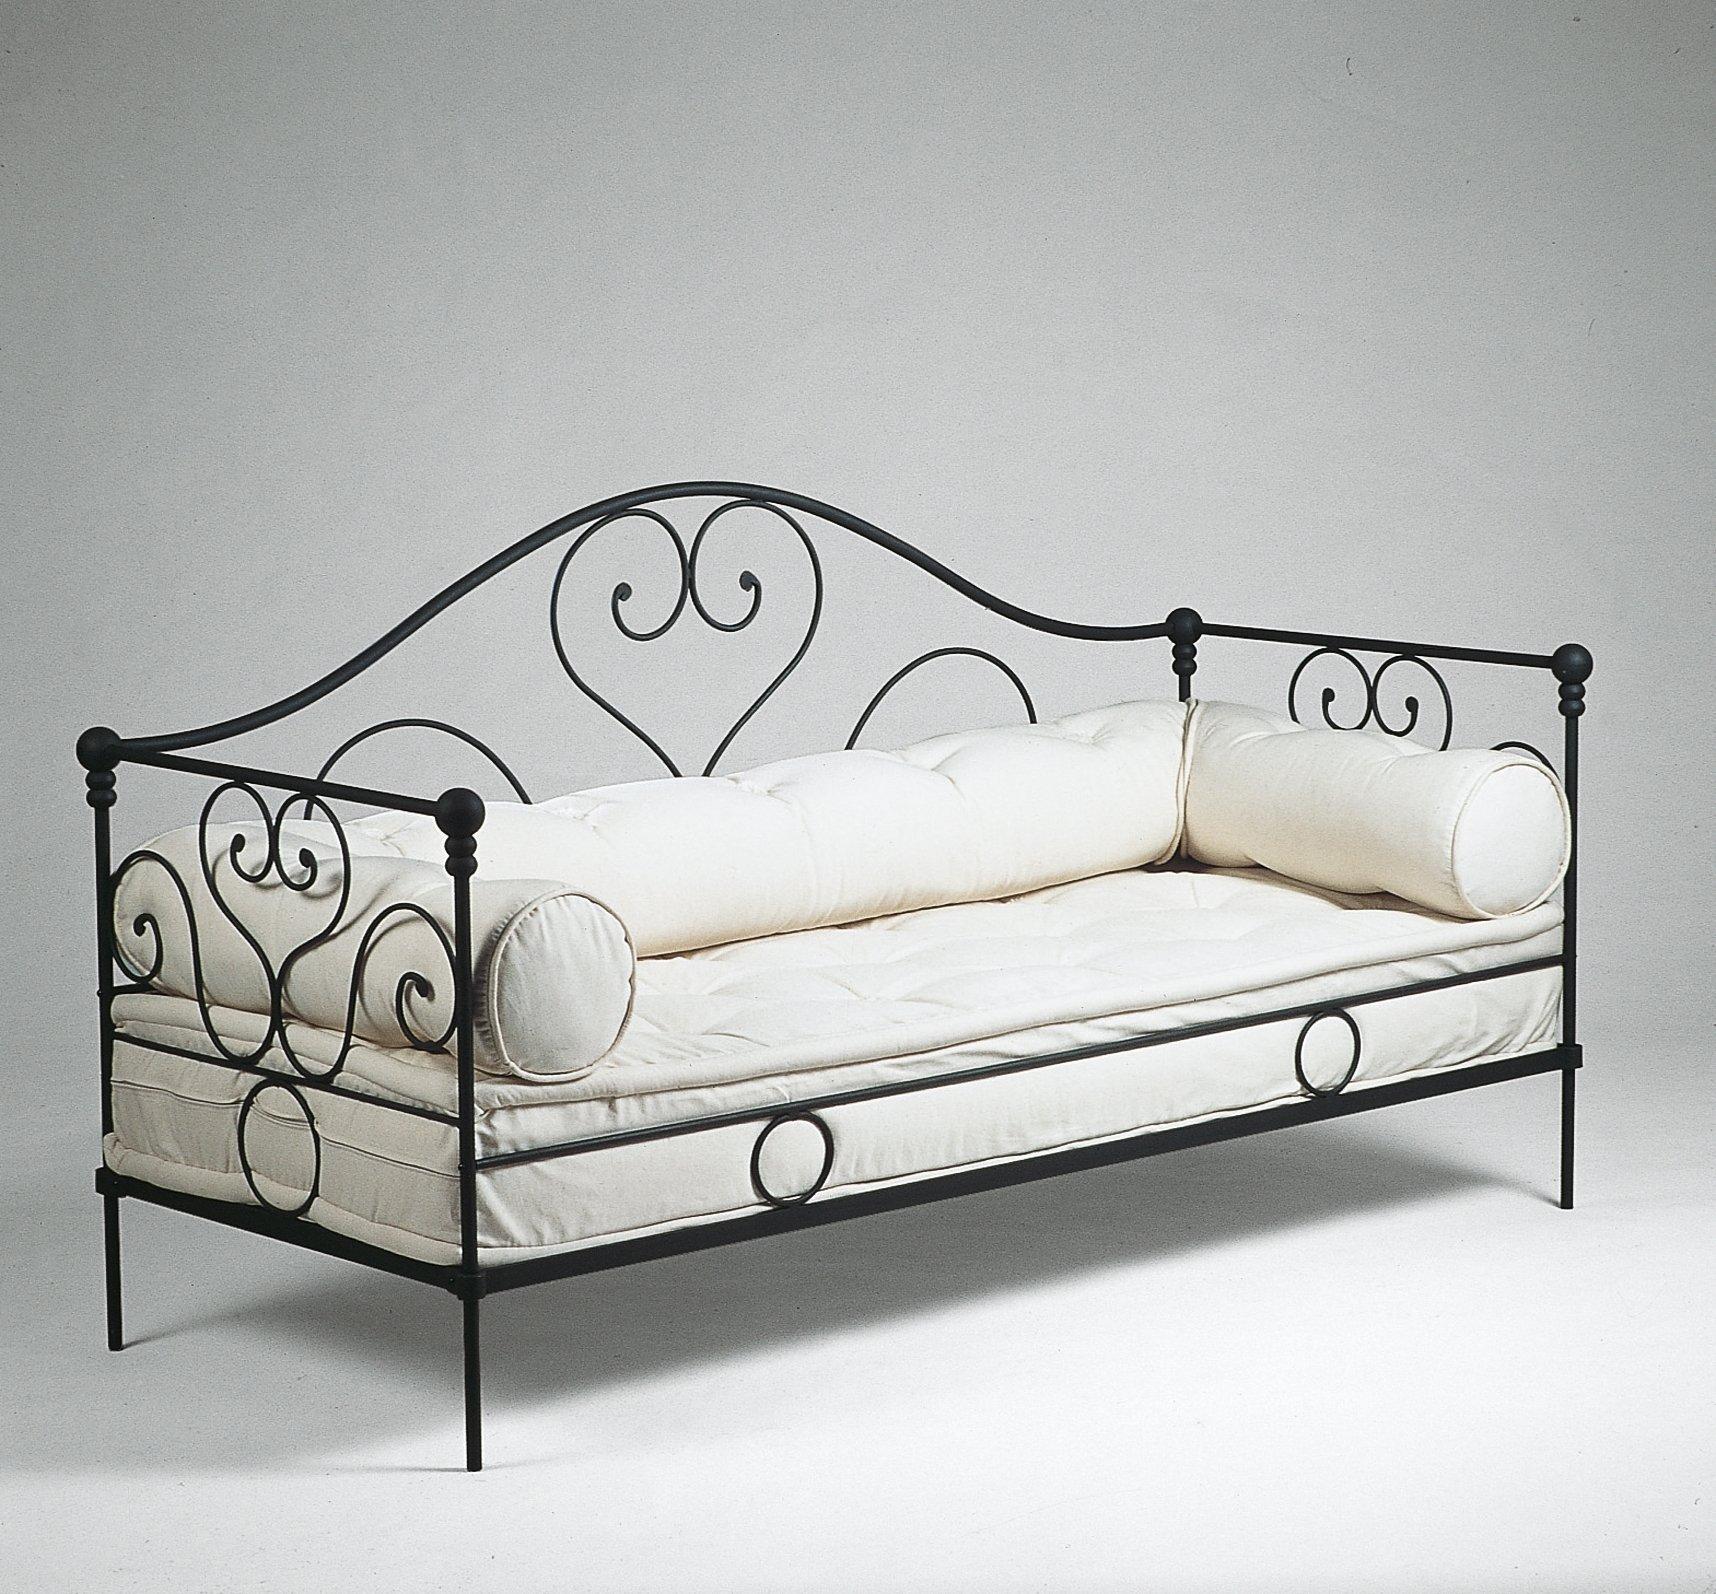 Divani e poltrone per esterni perfetti anche in casa cose di casa - Divano letto singolo in ferro battuto ...